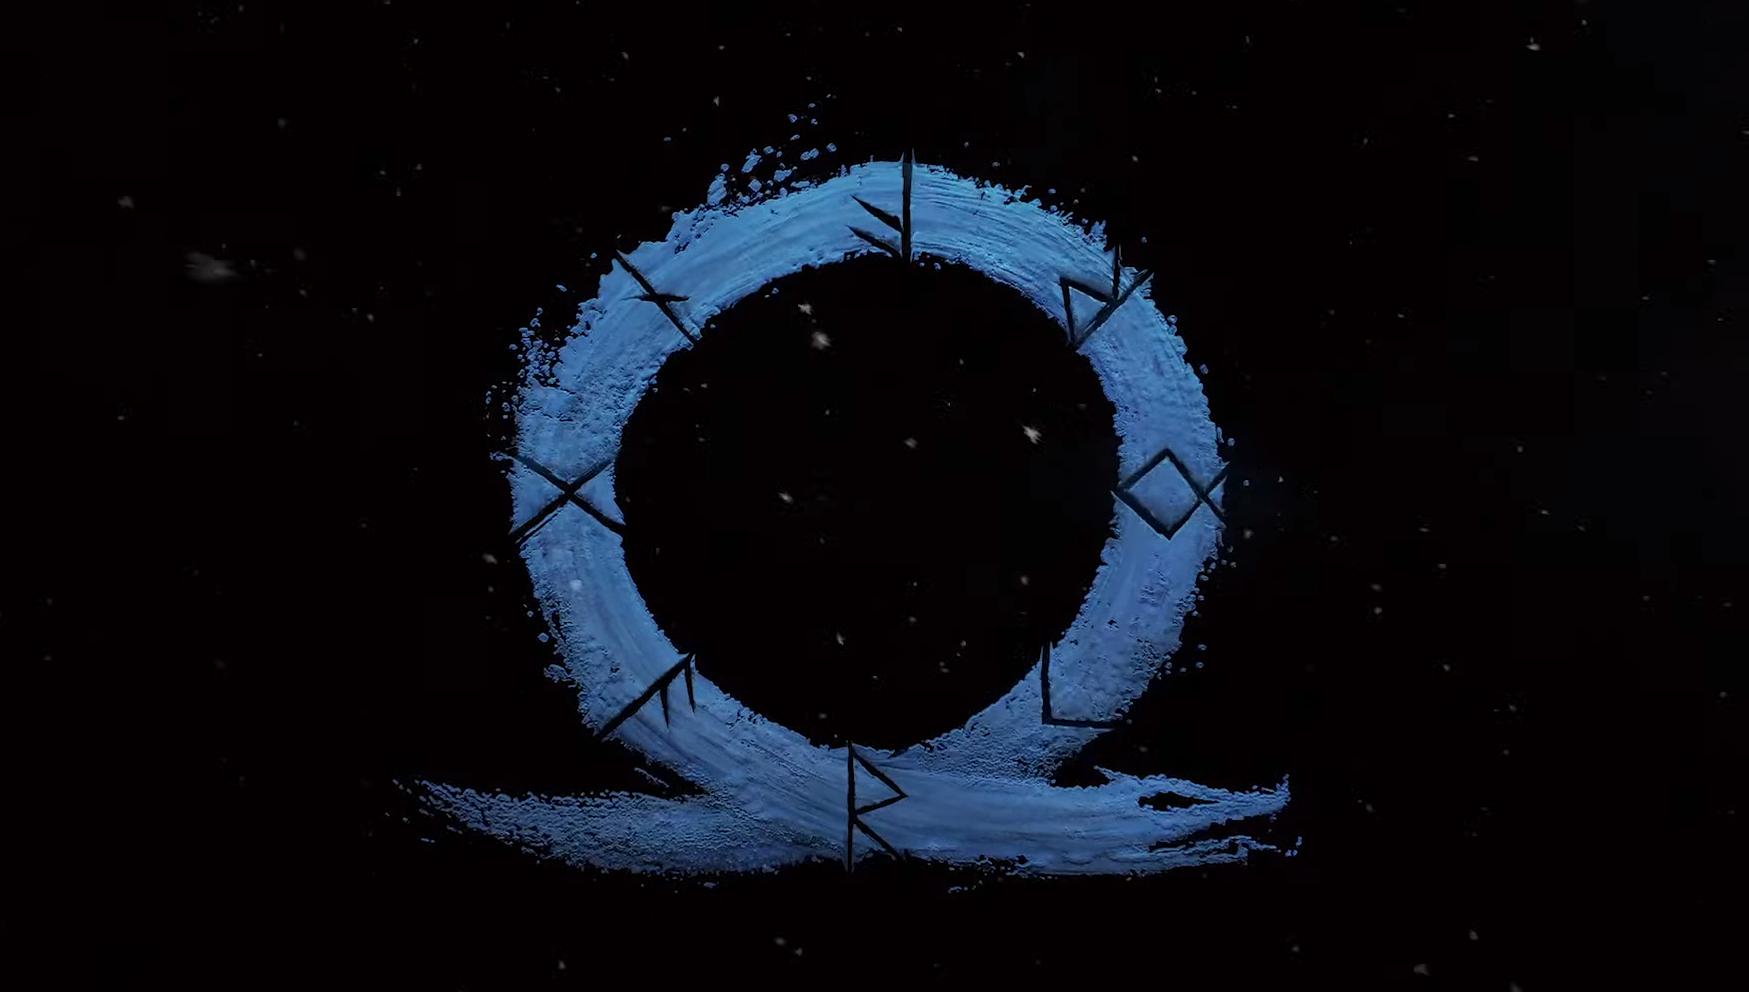 Грядет Рагнарёк: эпичный саундтрек и релиз в 2021 году в тизере продолжения God of War